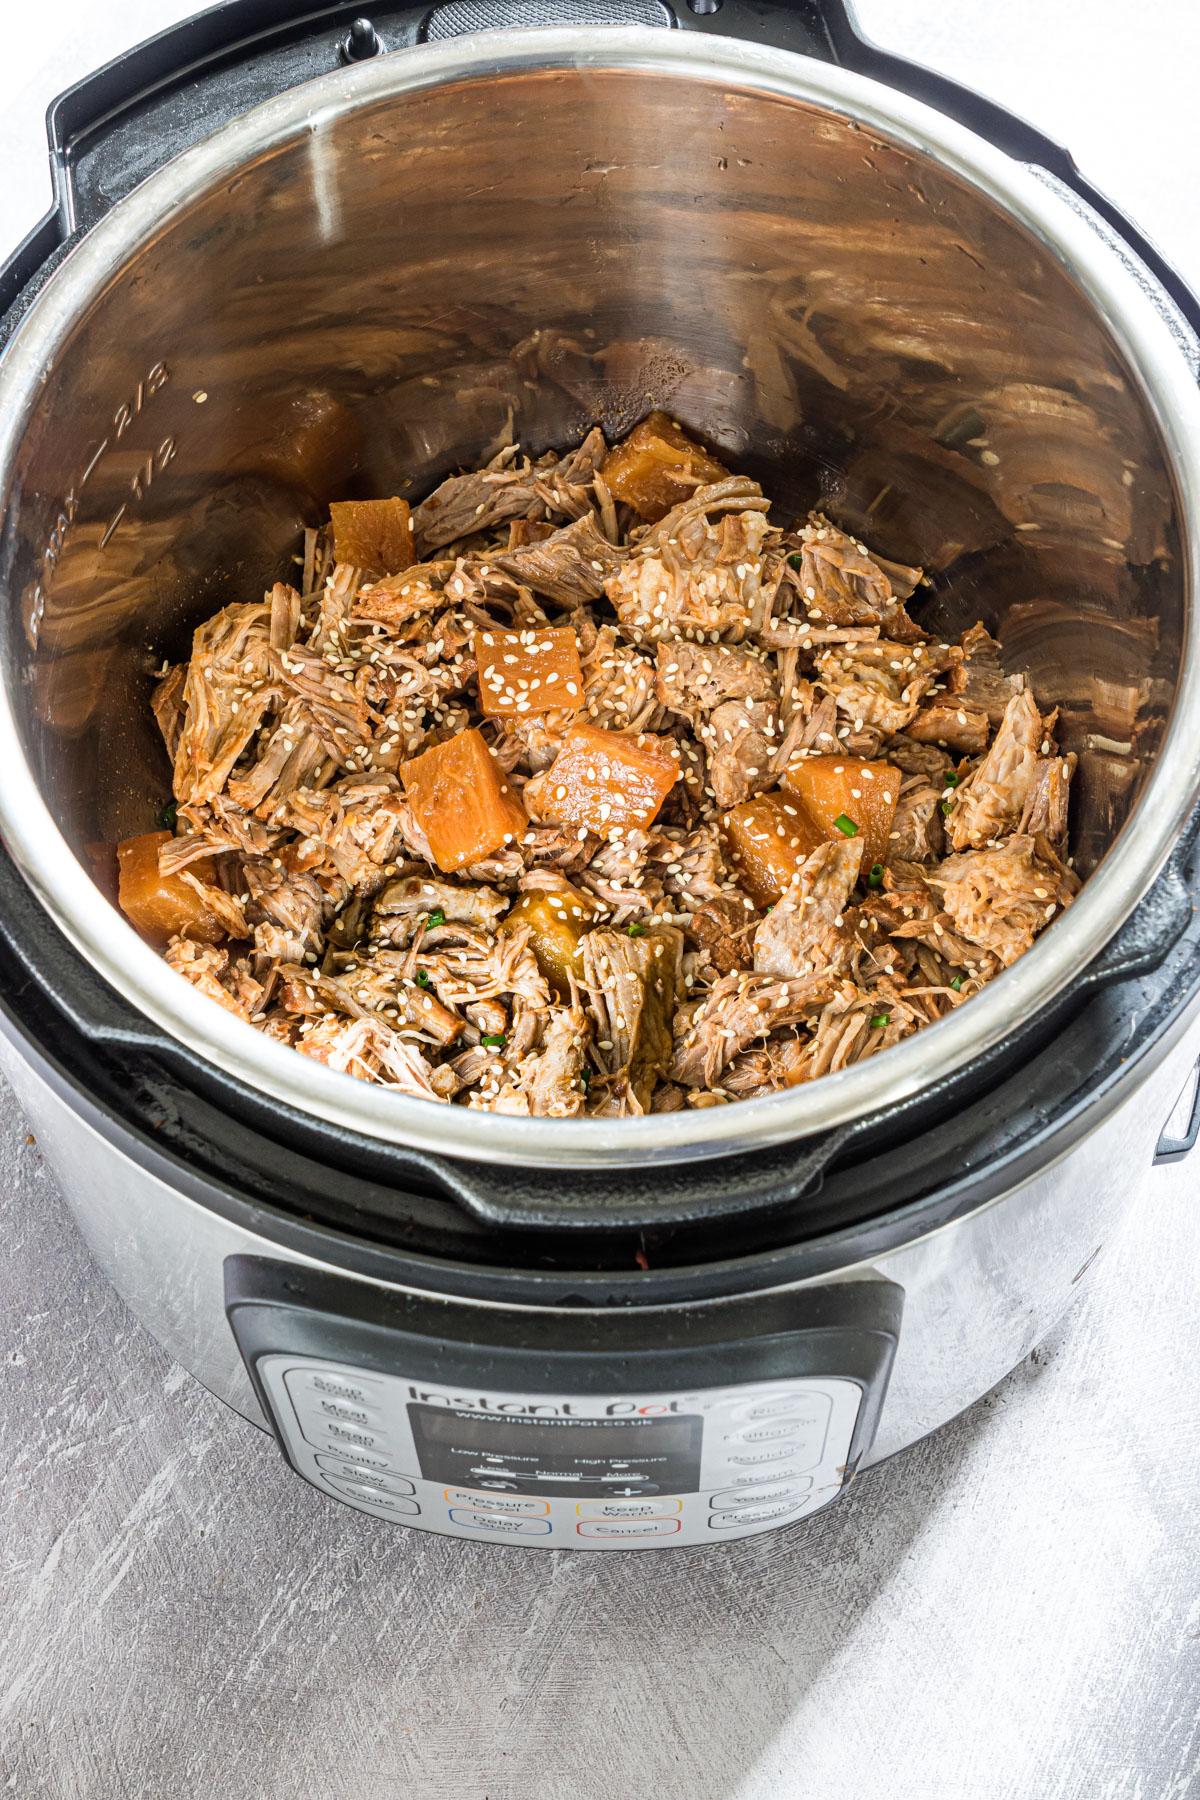 instant pot pulled pork inside the instant pot